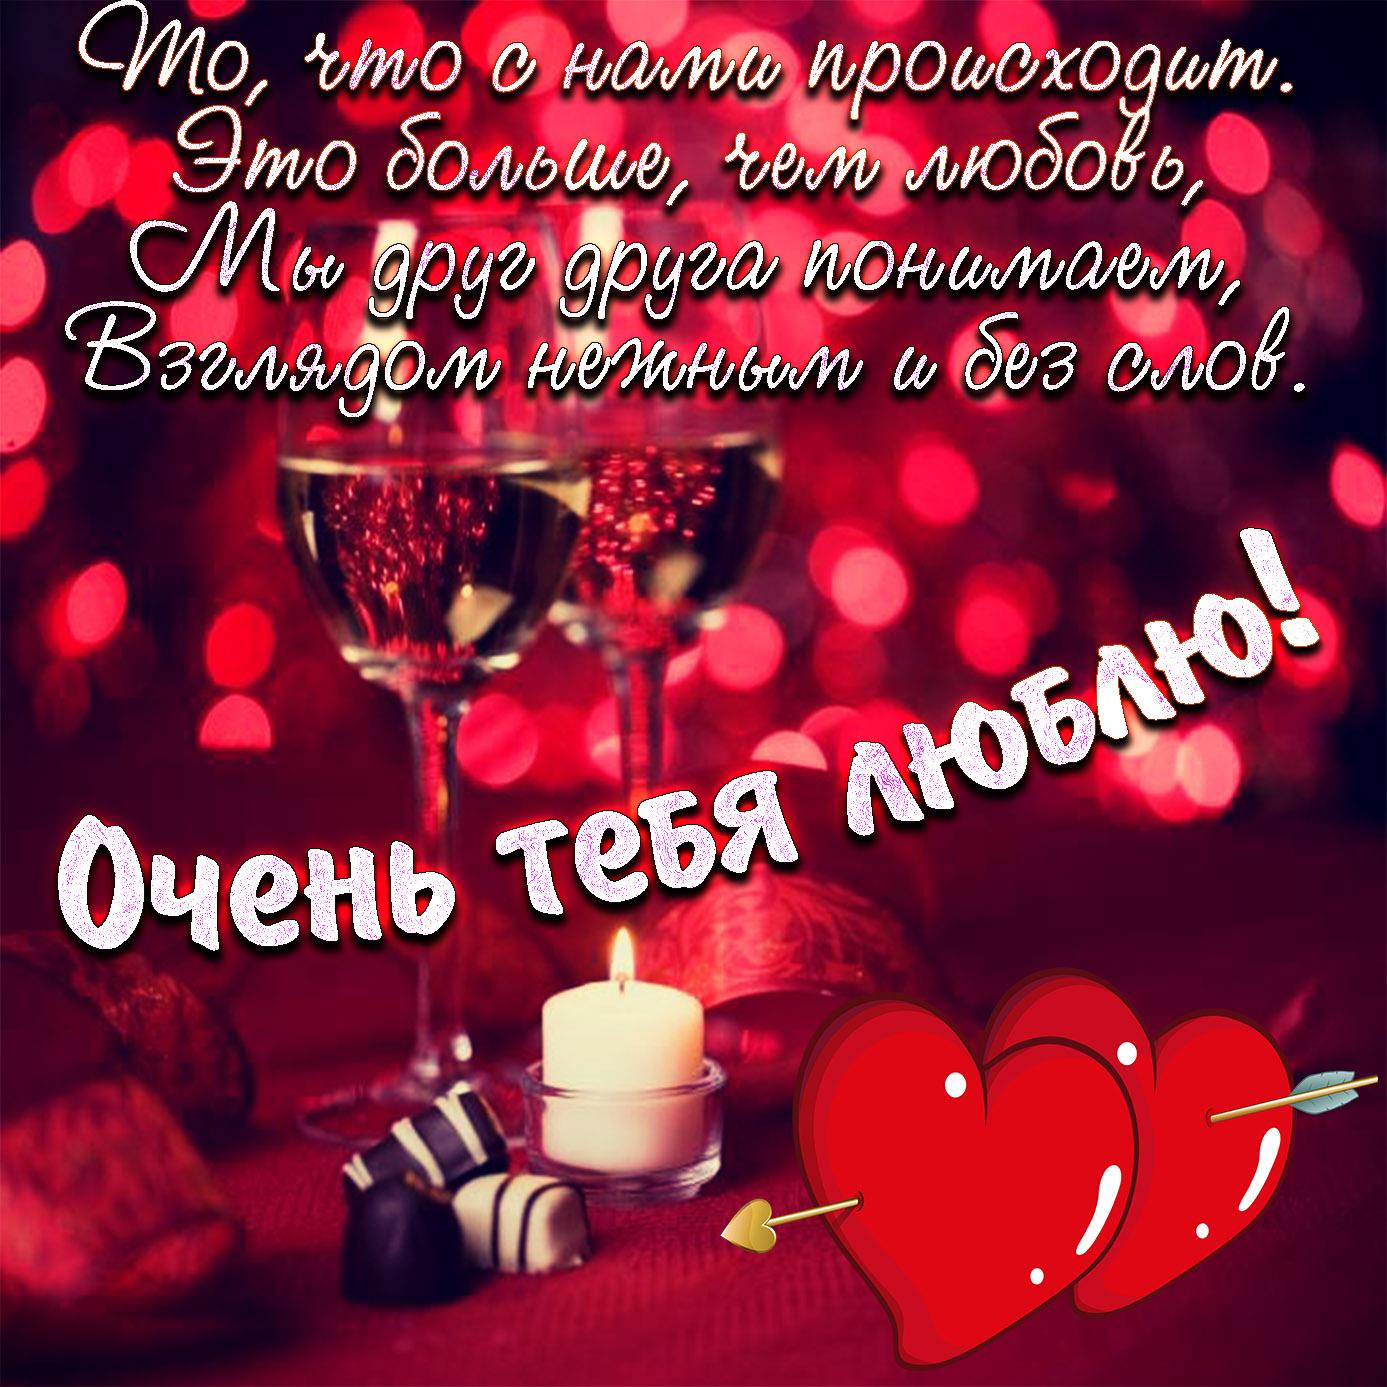 Картинка с бокалами и красными сердечками